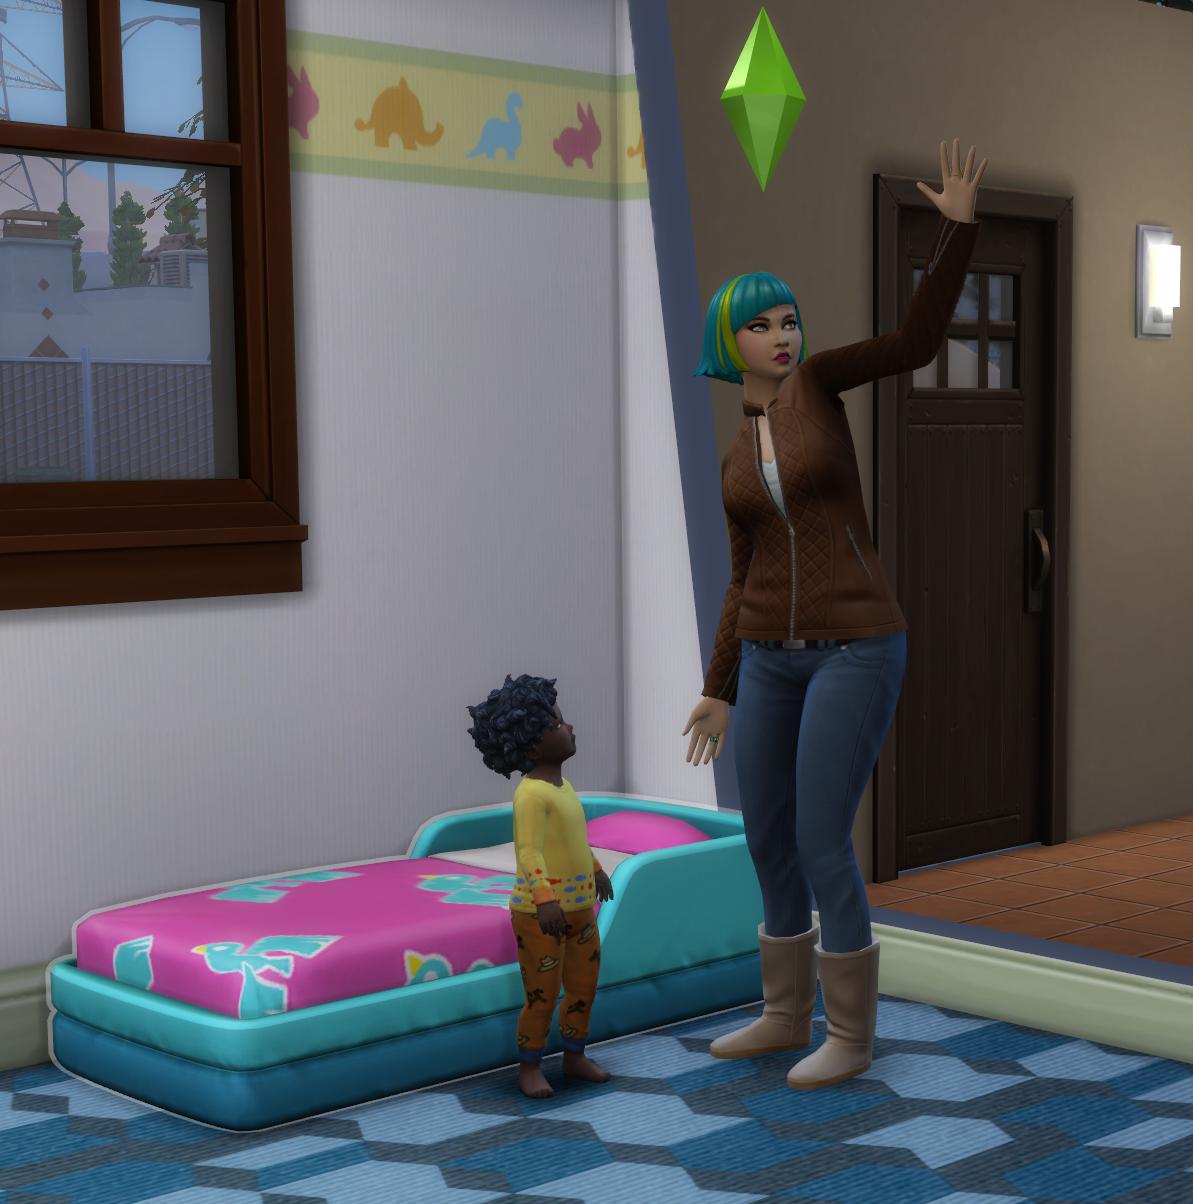 Full Size of Kleinkind Etwas Vorlesen Funktioniert Nicht Crinricts Sims 4 Bett 160x200 Mit Lattenrost Und Matratze Treca Betten 120 Für übergewichtige Hülsta Keilkissen Bett Bett Kleinkind